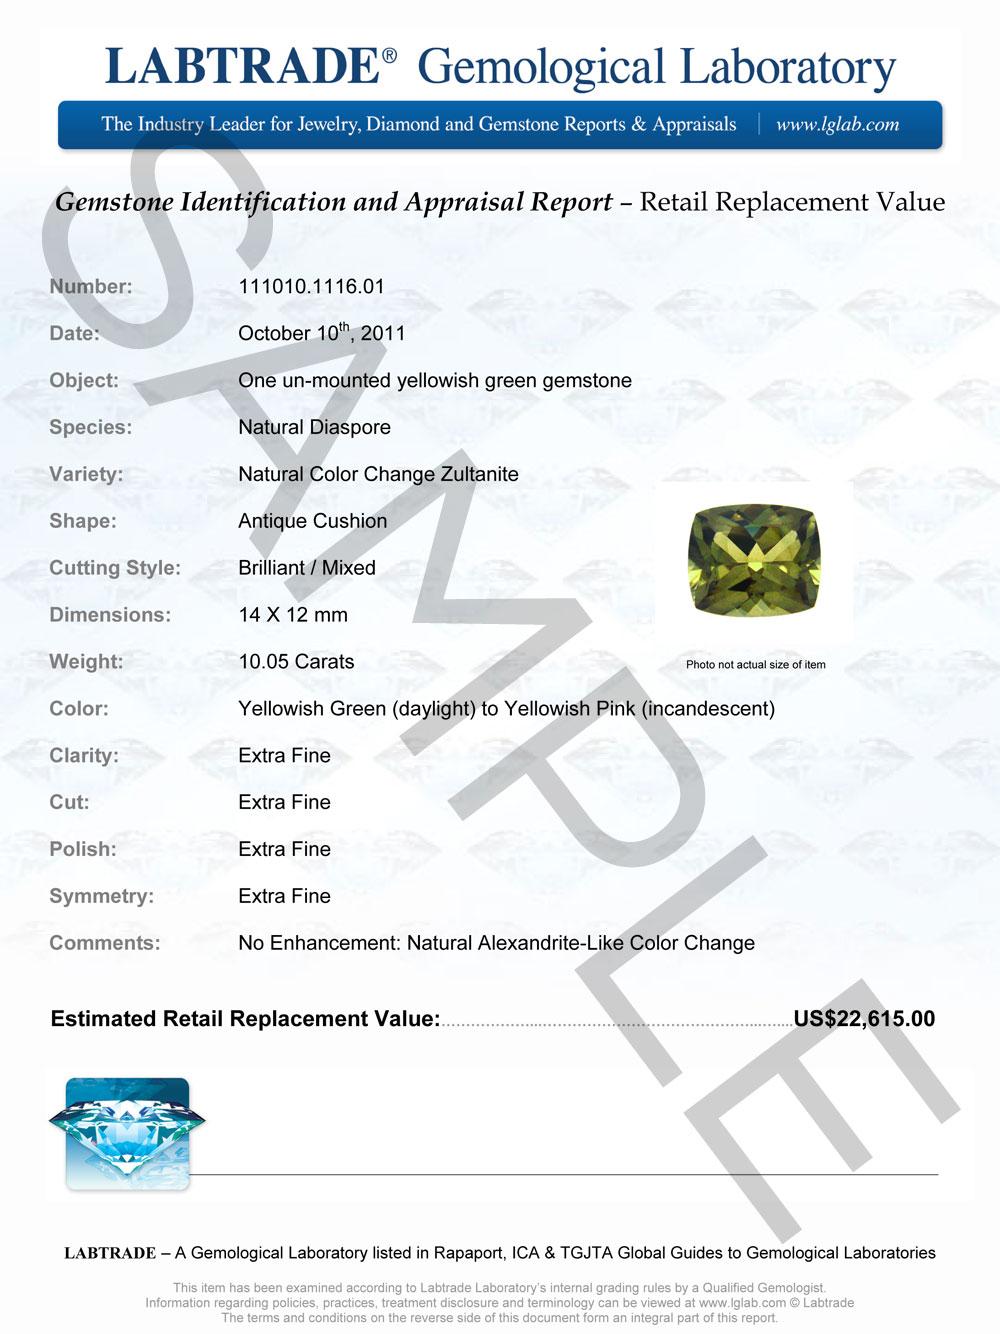 Appraisals Zultanite Gems